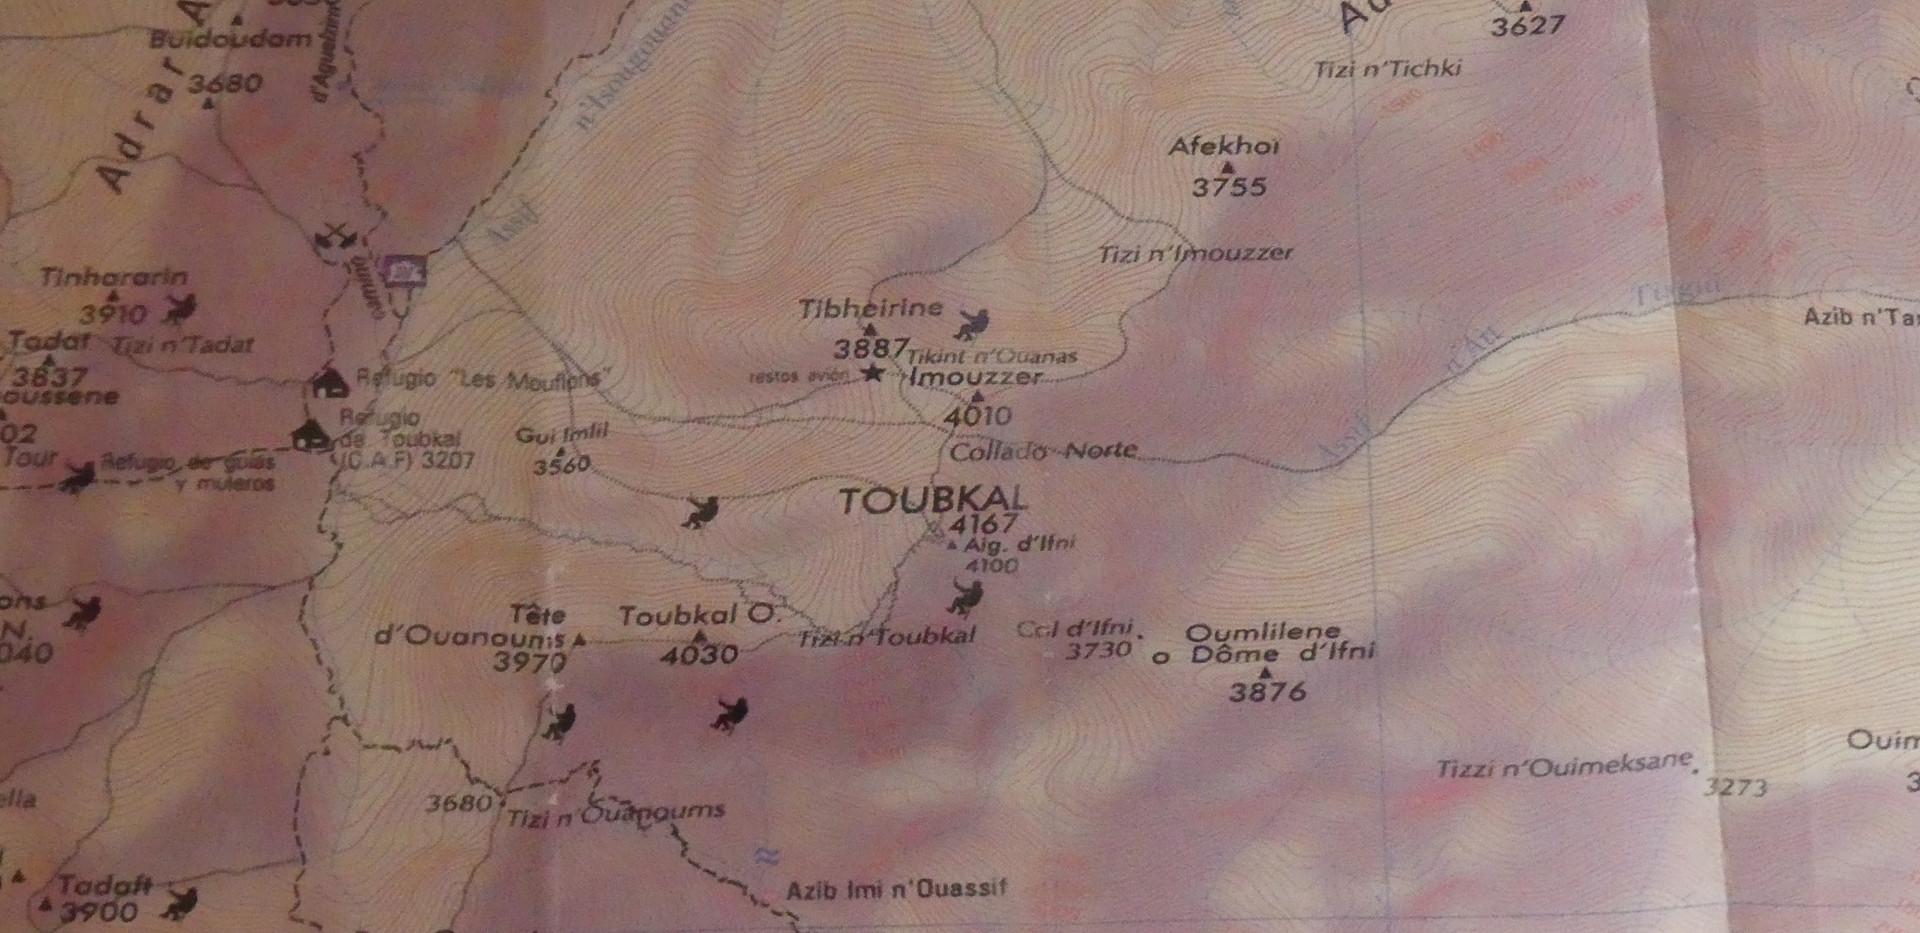 Toubkal Map